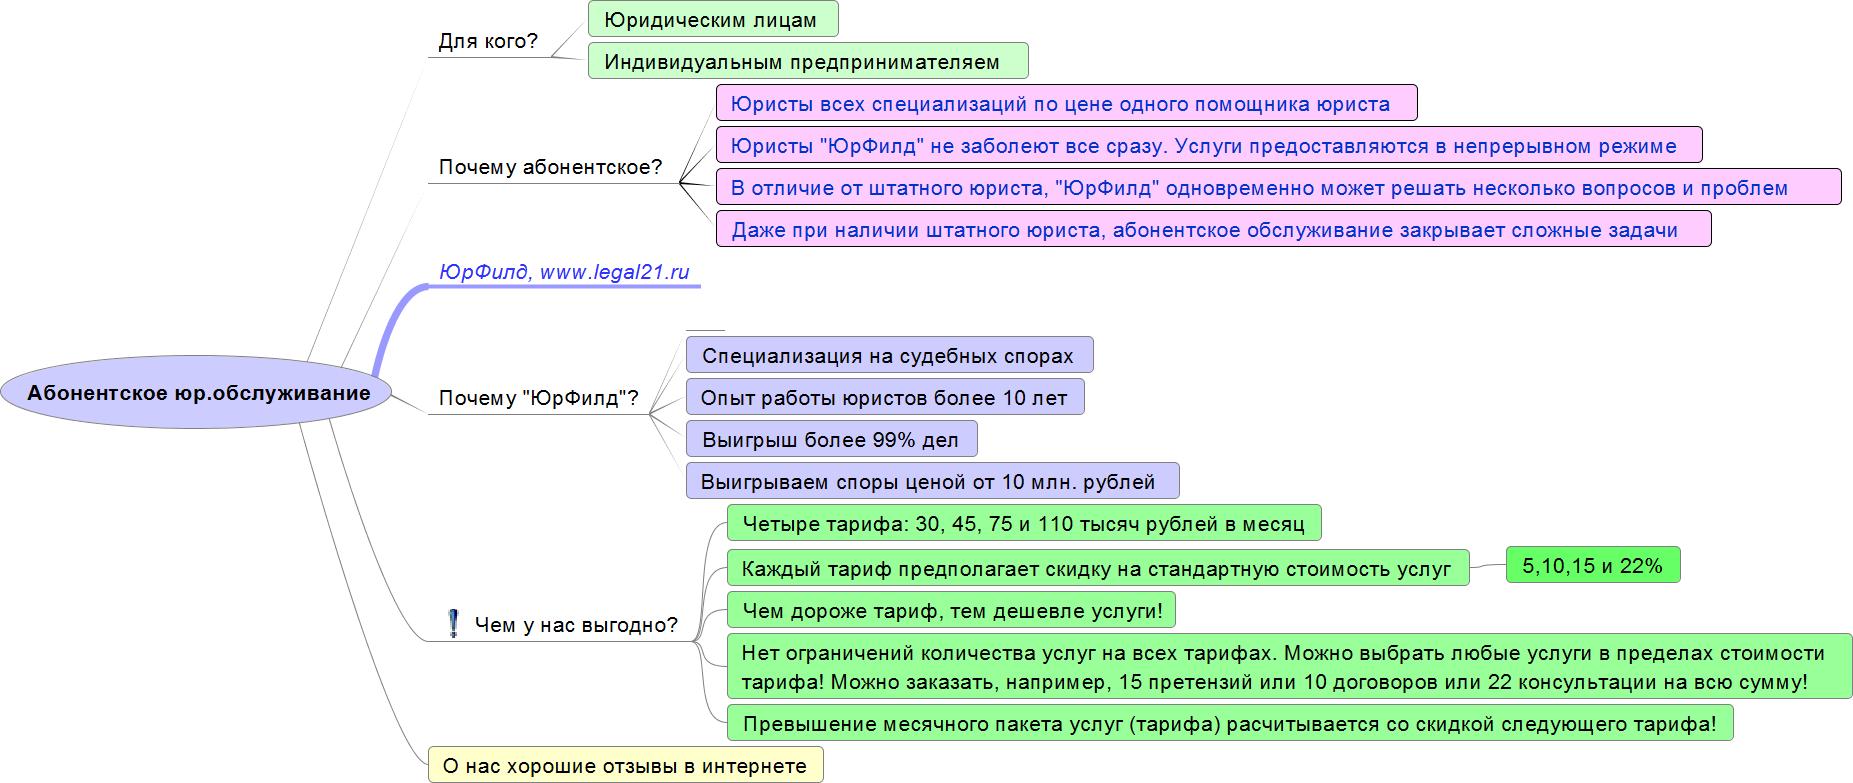 Предлагаем абонентское юридическое обслуживание клиентов из Москвы